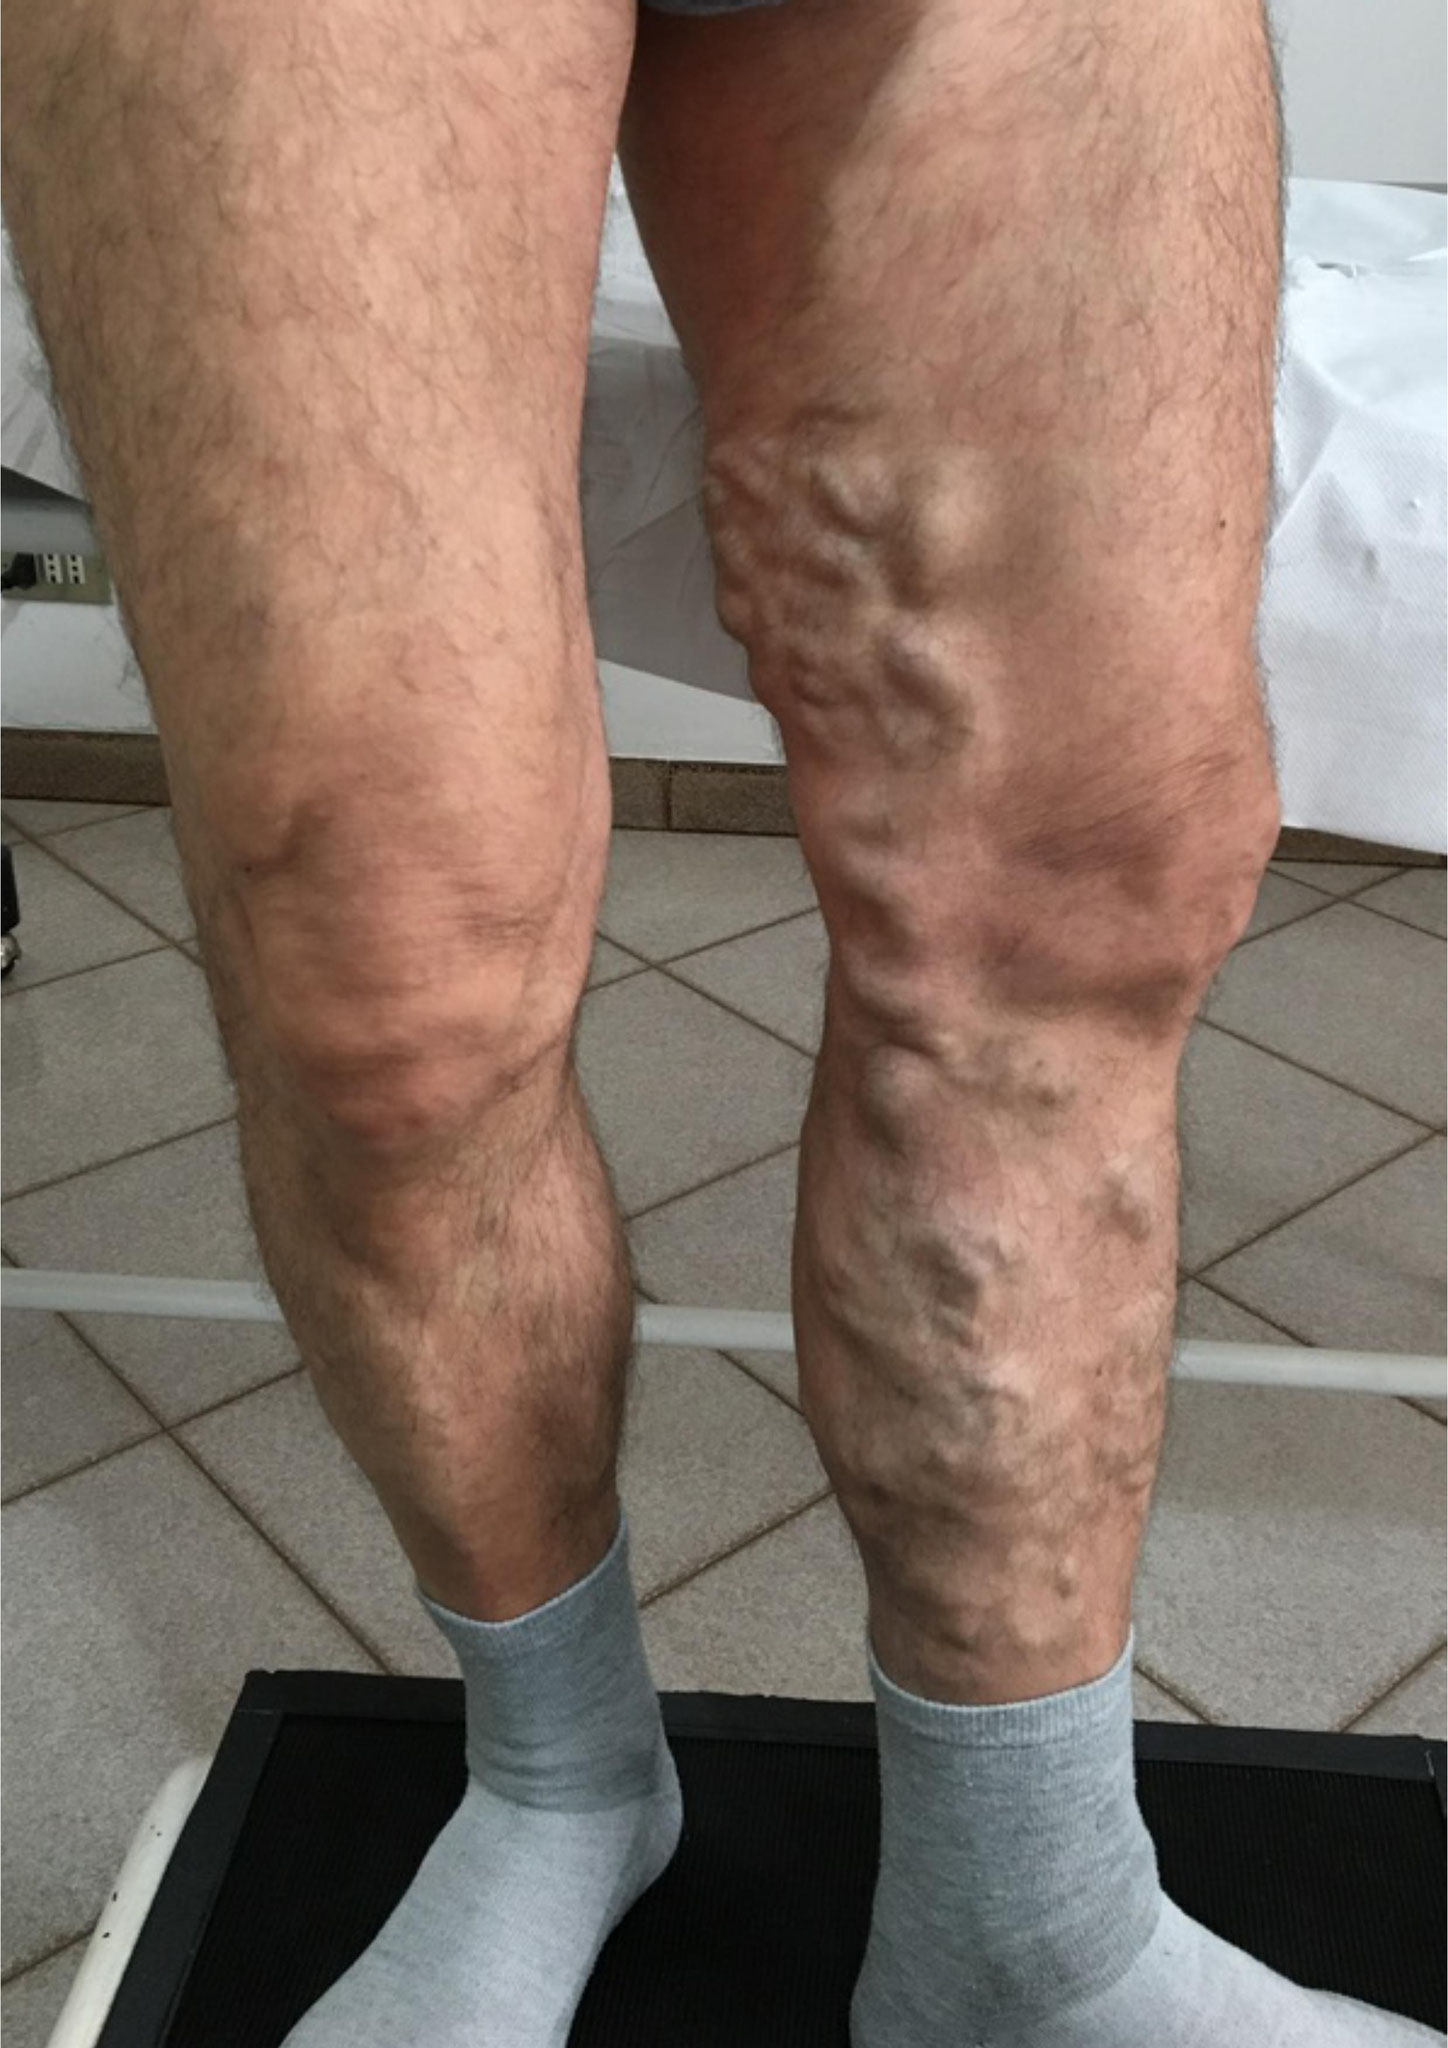 Vene varicoase în fotografie de formă neglijată